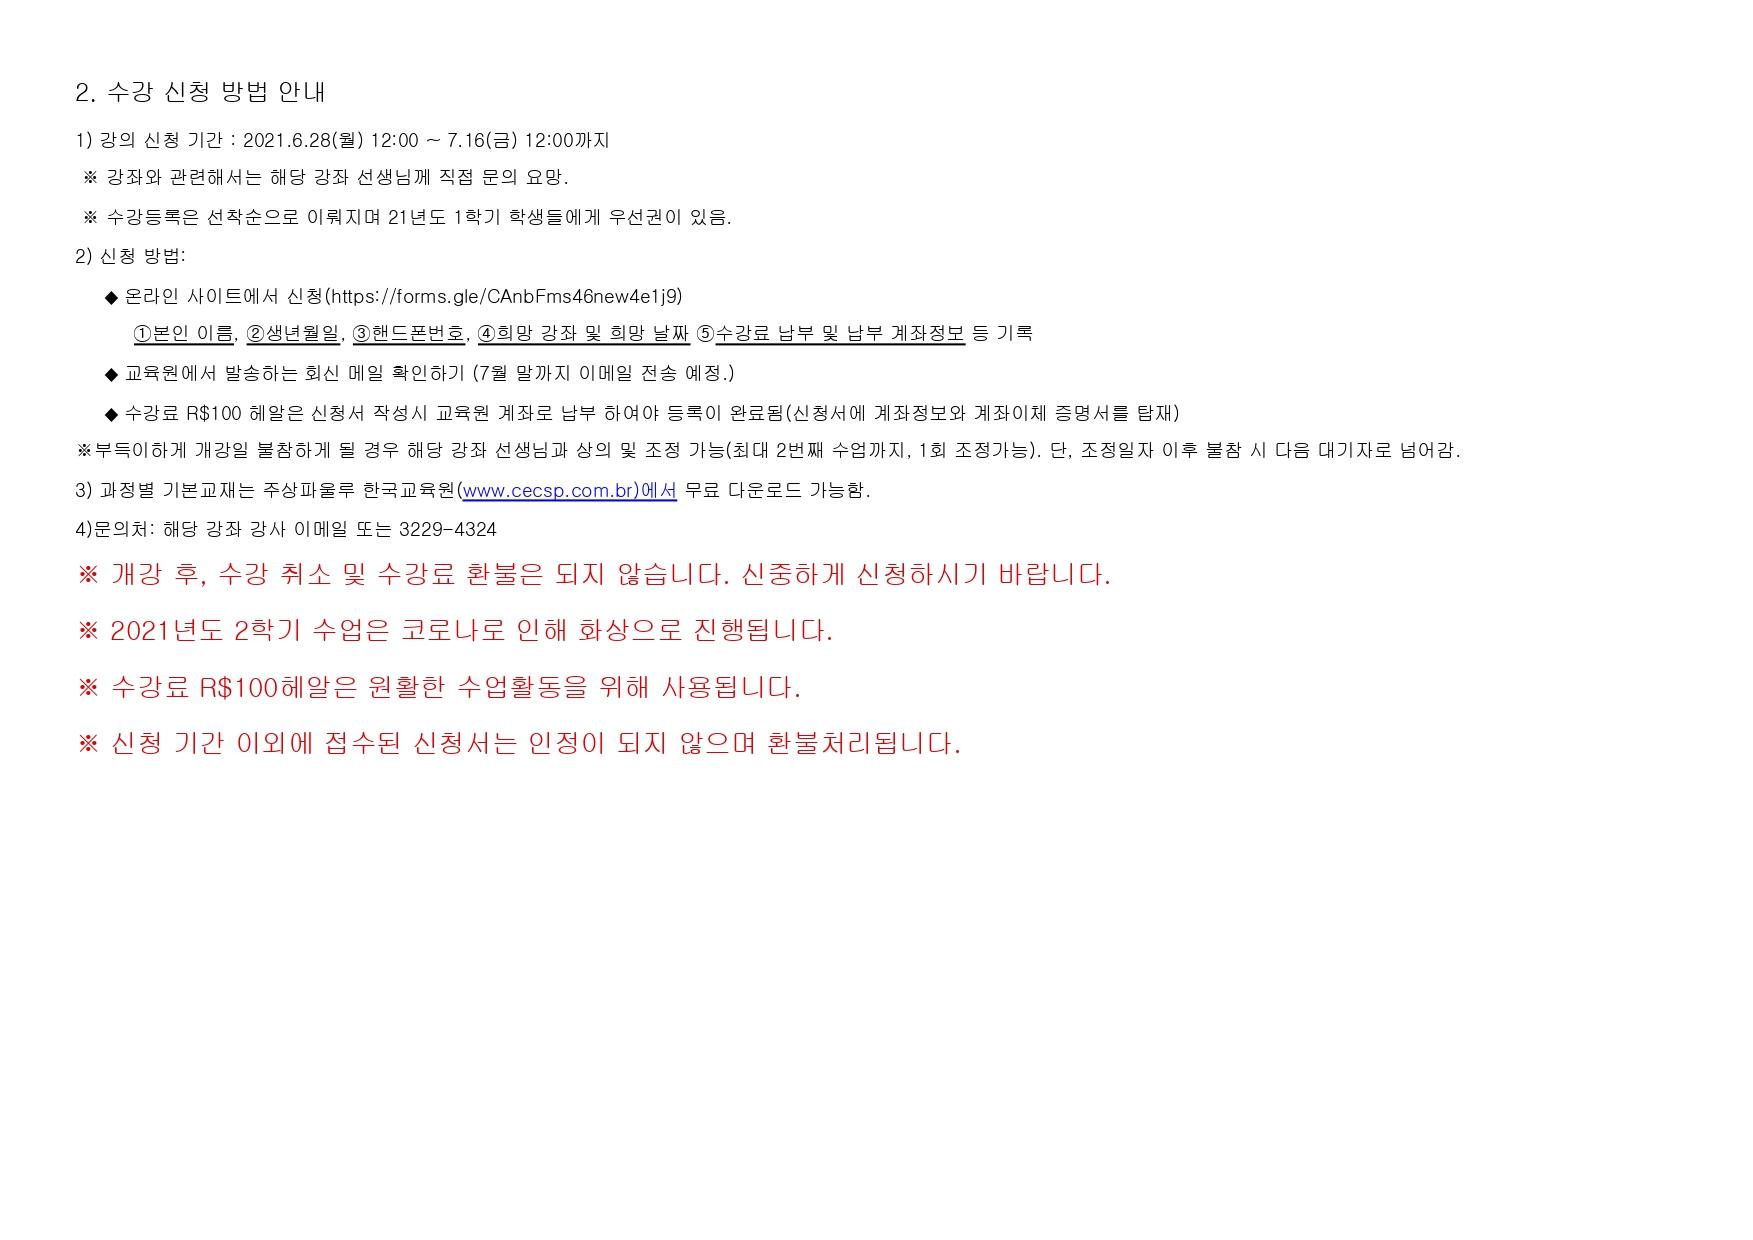 210625 21년 하반기 한국어교실 수강생 모집공고_page-0003.jpg